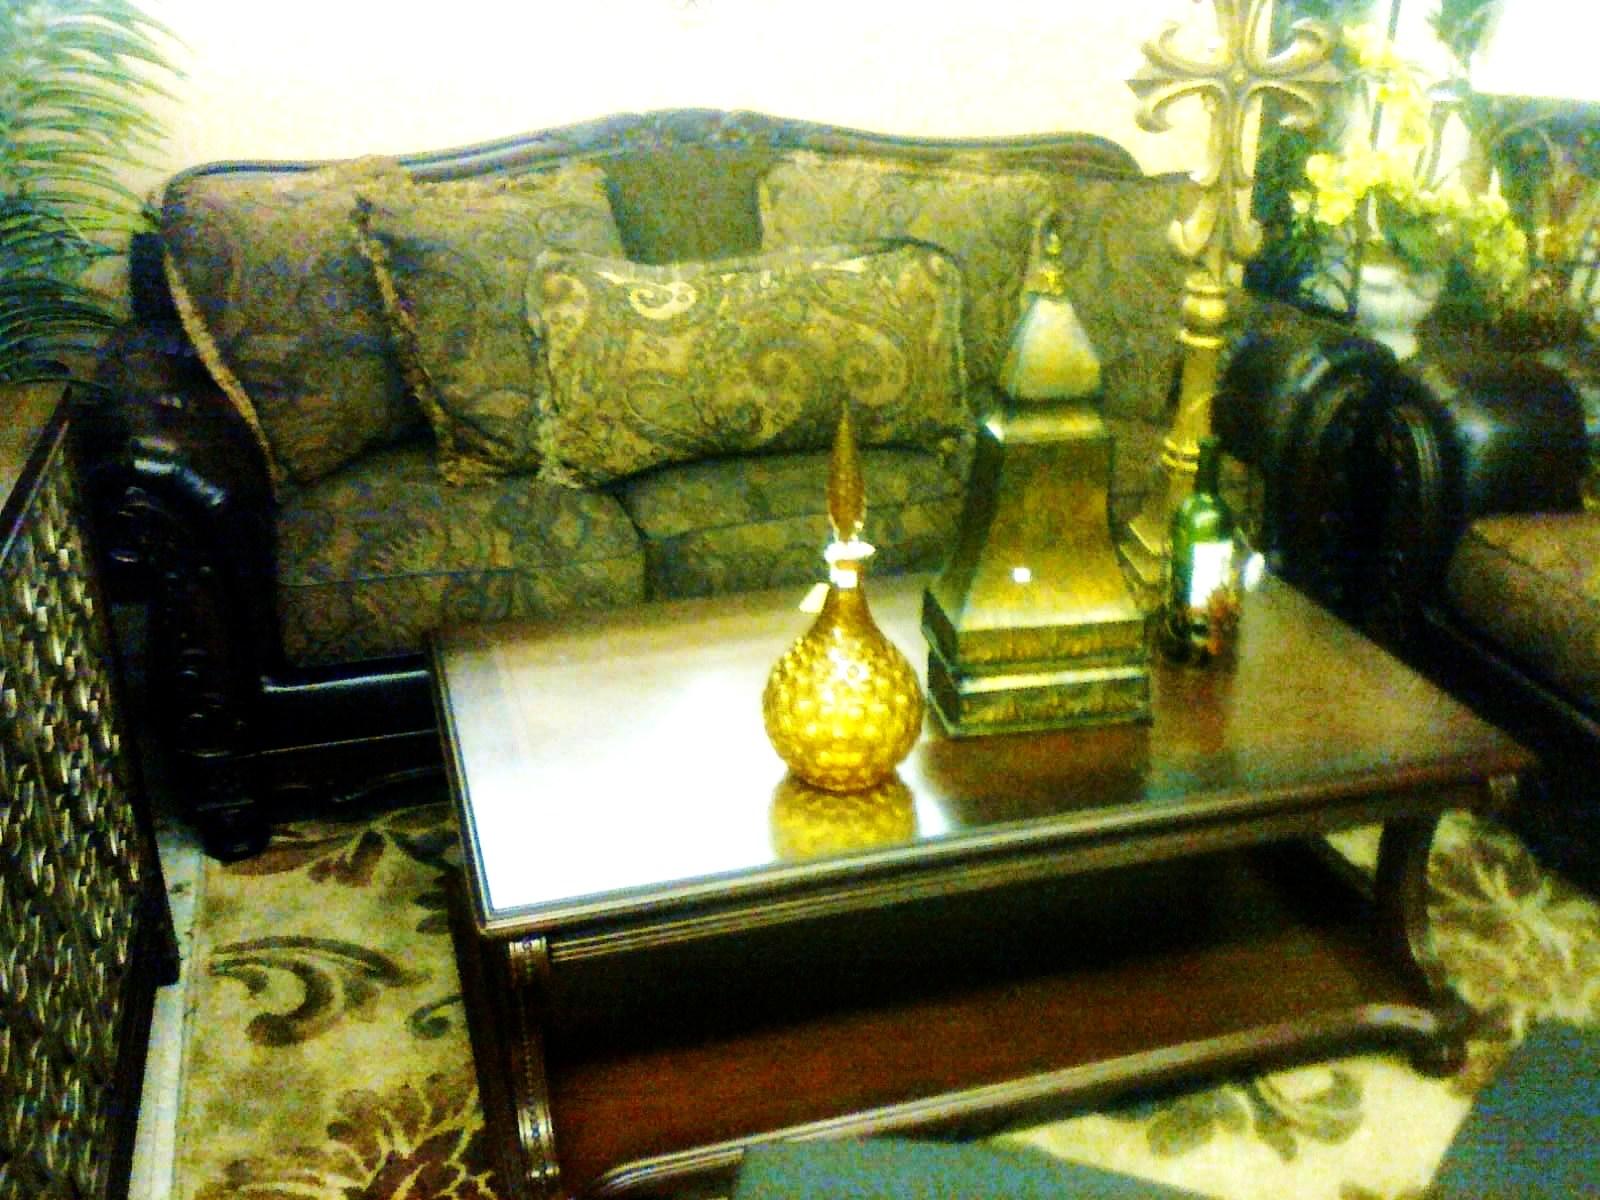 http://3.bp.blogspot.com/-iWaBUm_pYGc/UPYkqv9ydbI/AAAAAAAAKQY/YsV5MGkWgSM/s1600/Image0723.jpg